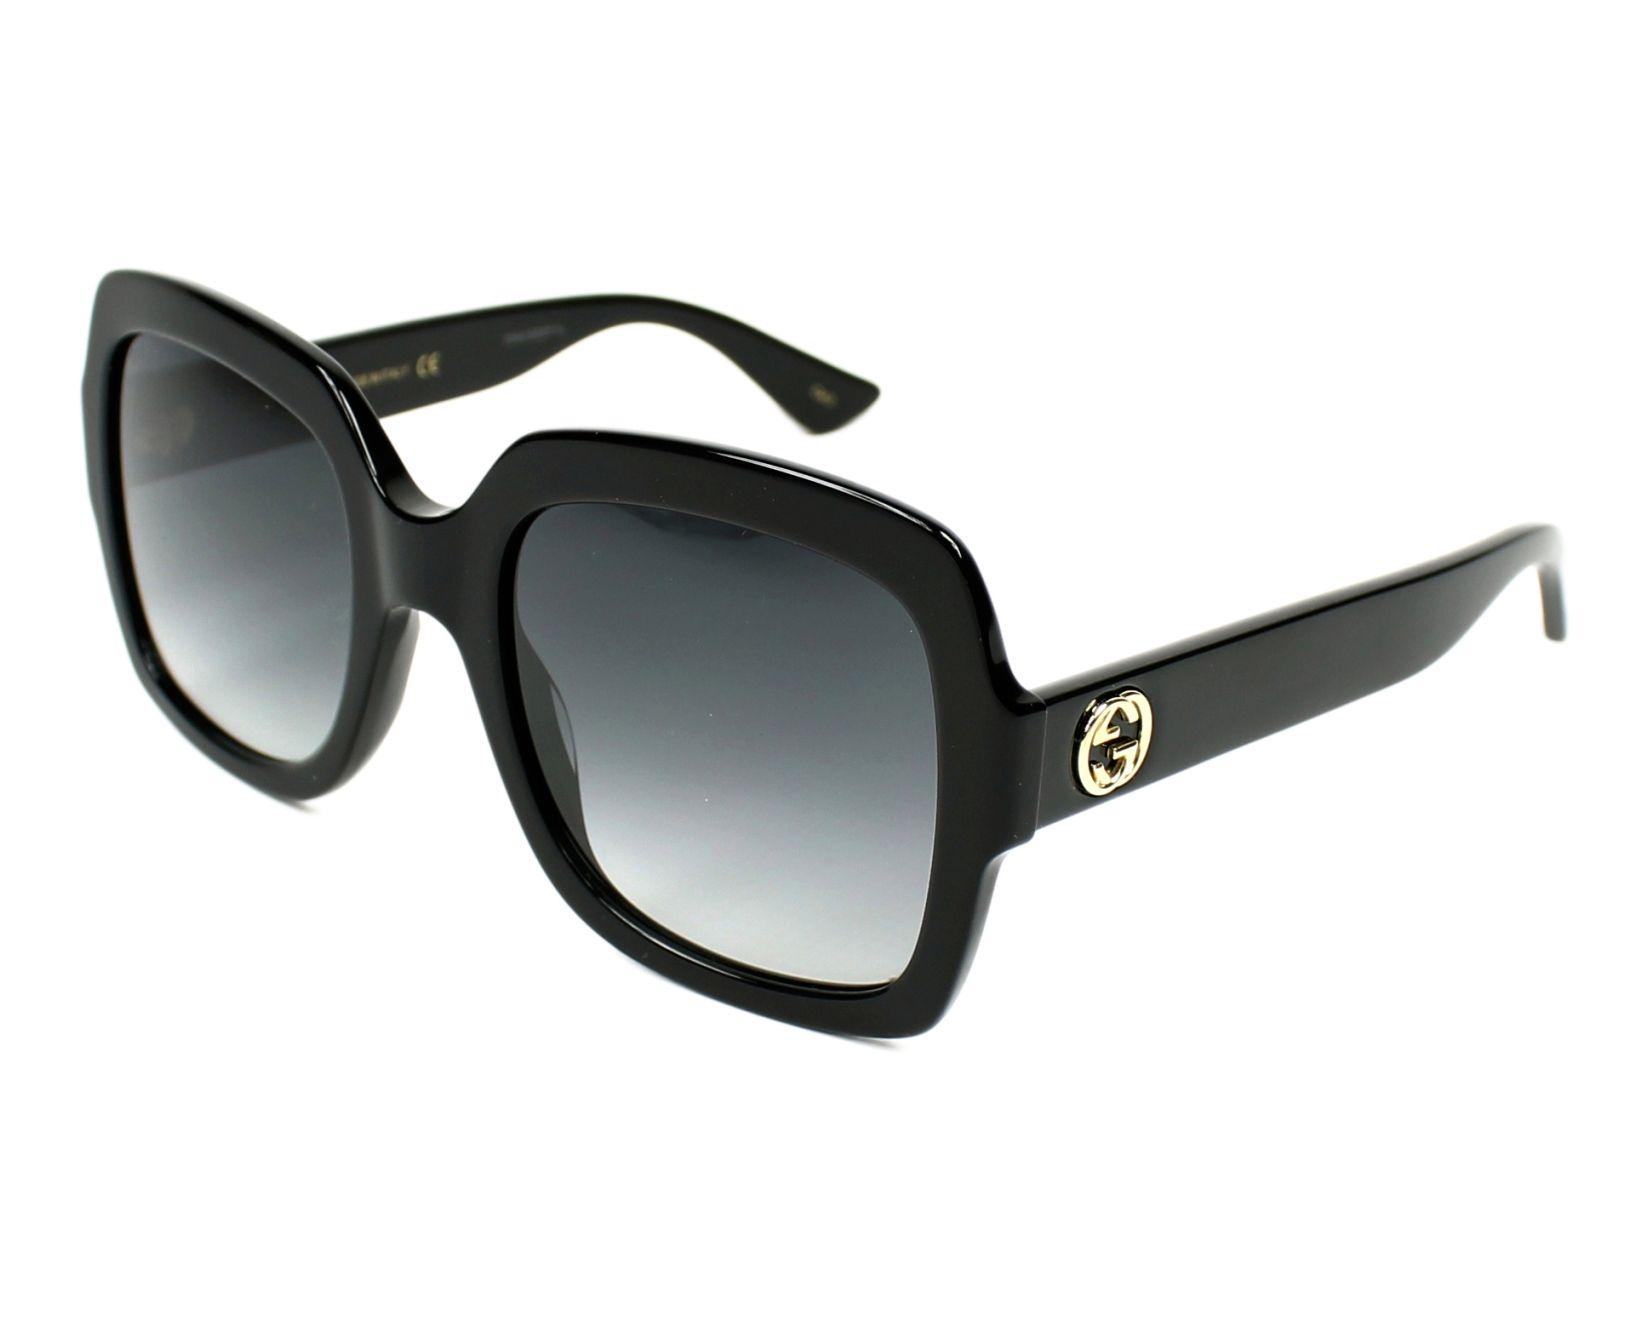 Lunettes de soleil Gucci GG-0036-S 001 54-22 Noir vue de a41d414cb20d